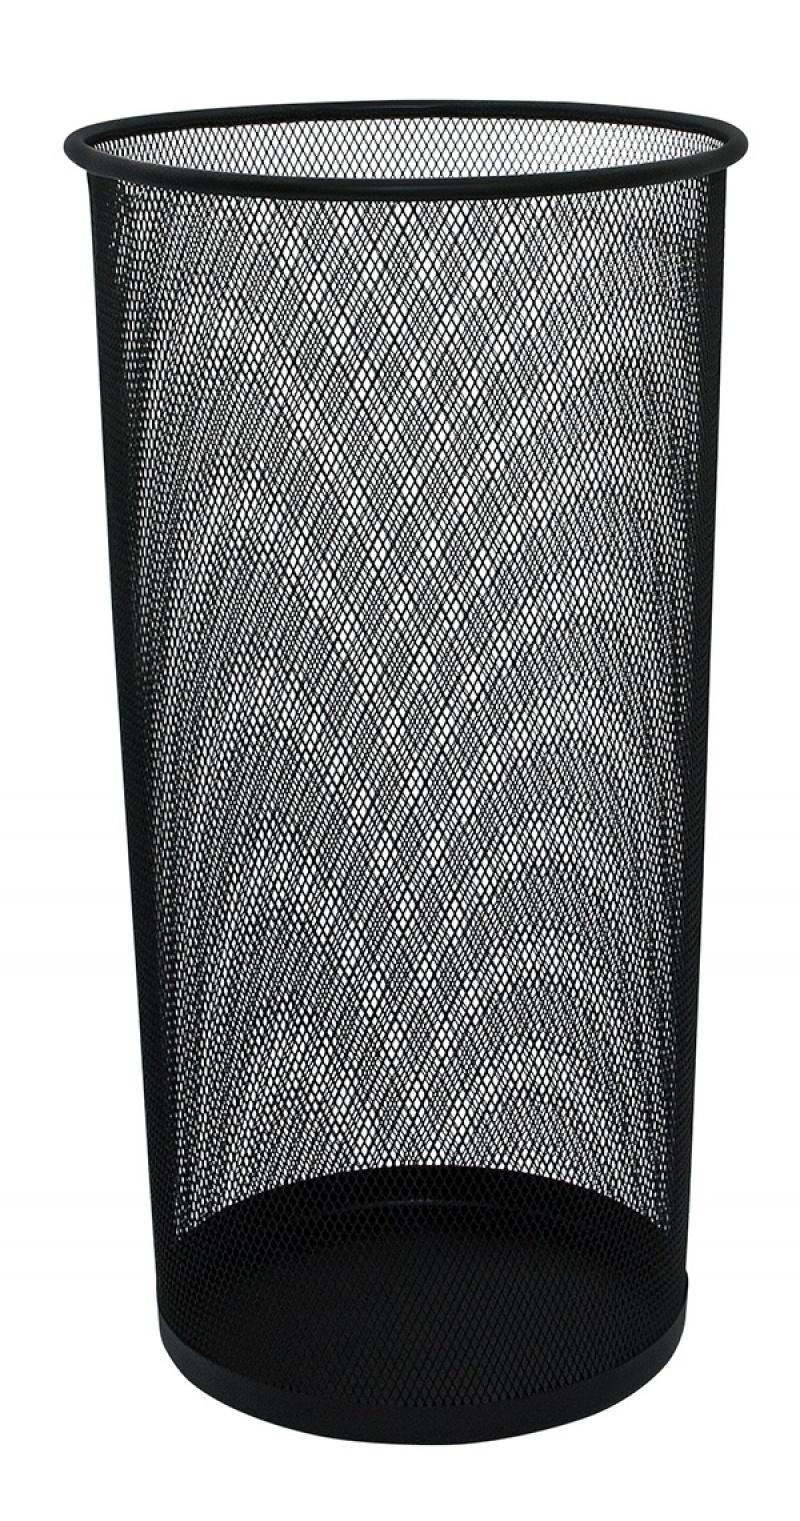 Stojak na parasole Q-CONNECT Office Set, metalowy, czarny, Kosze metal, Wyposażenie biura